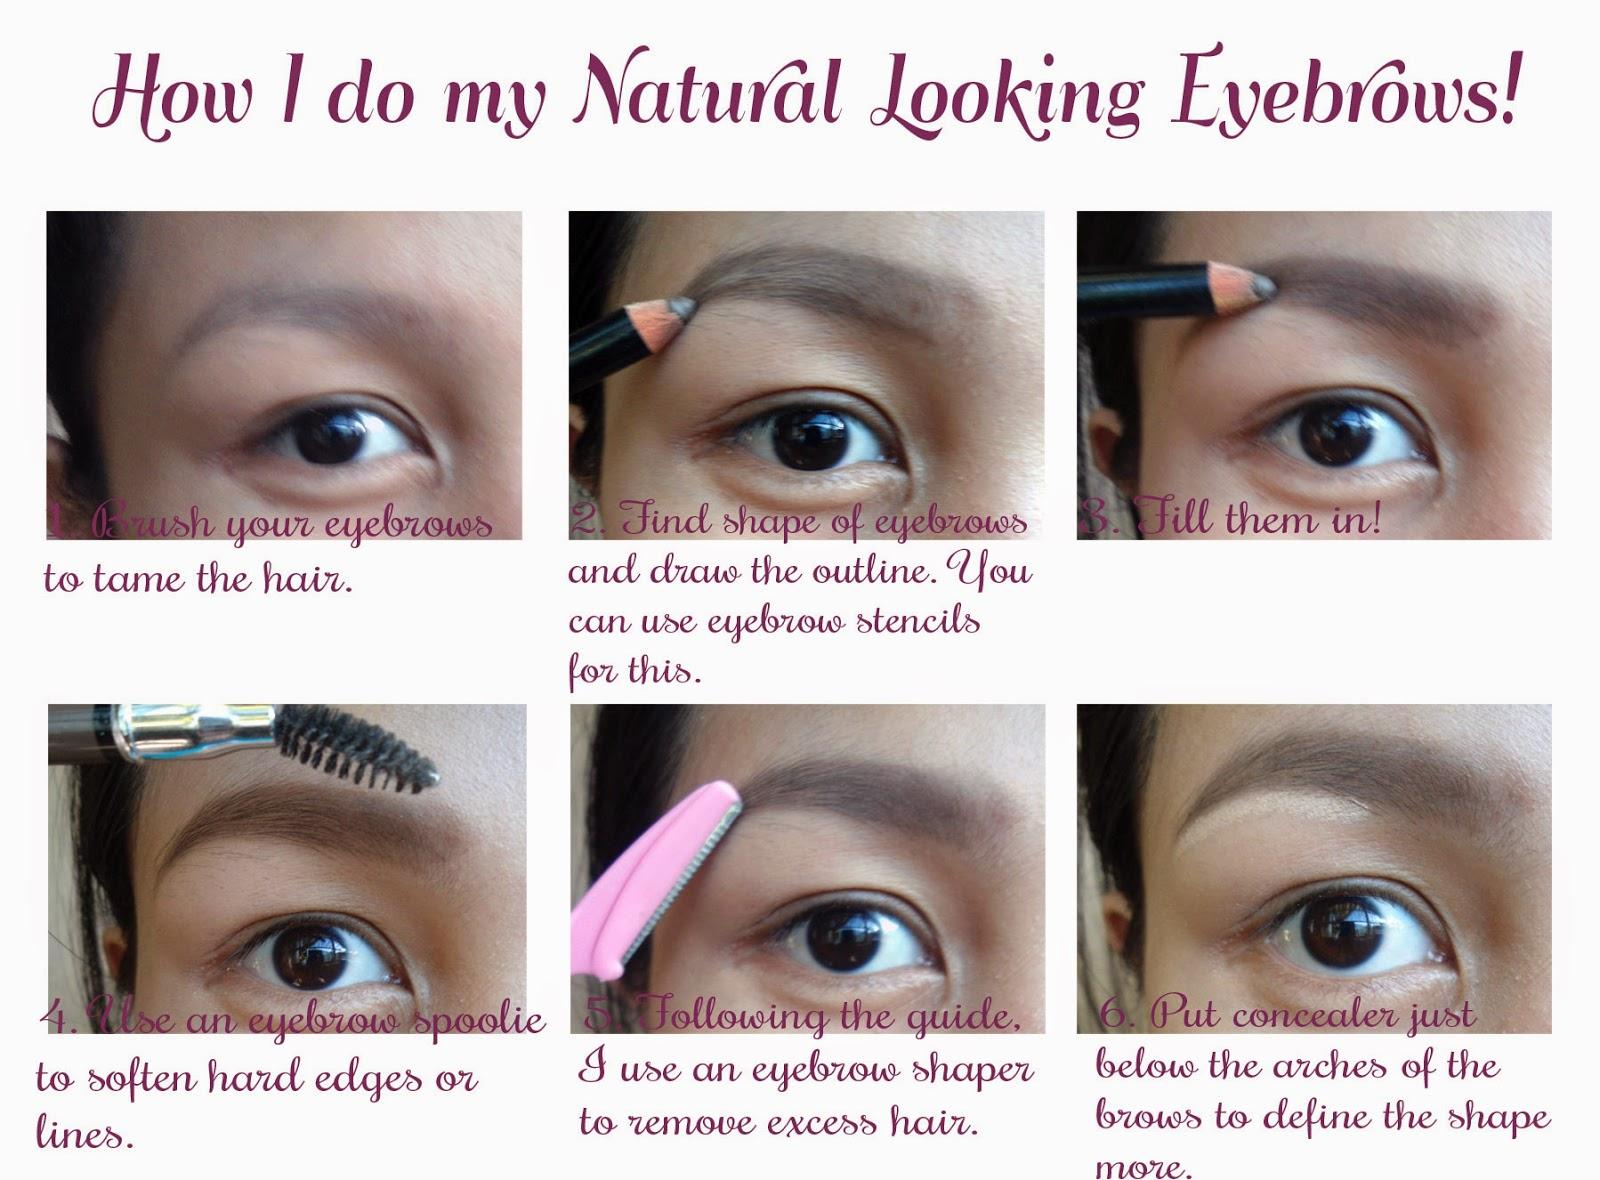 My Natural Looking Eyebrows ♥ - GeccaFrancisco